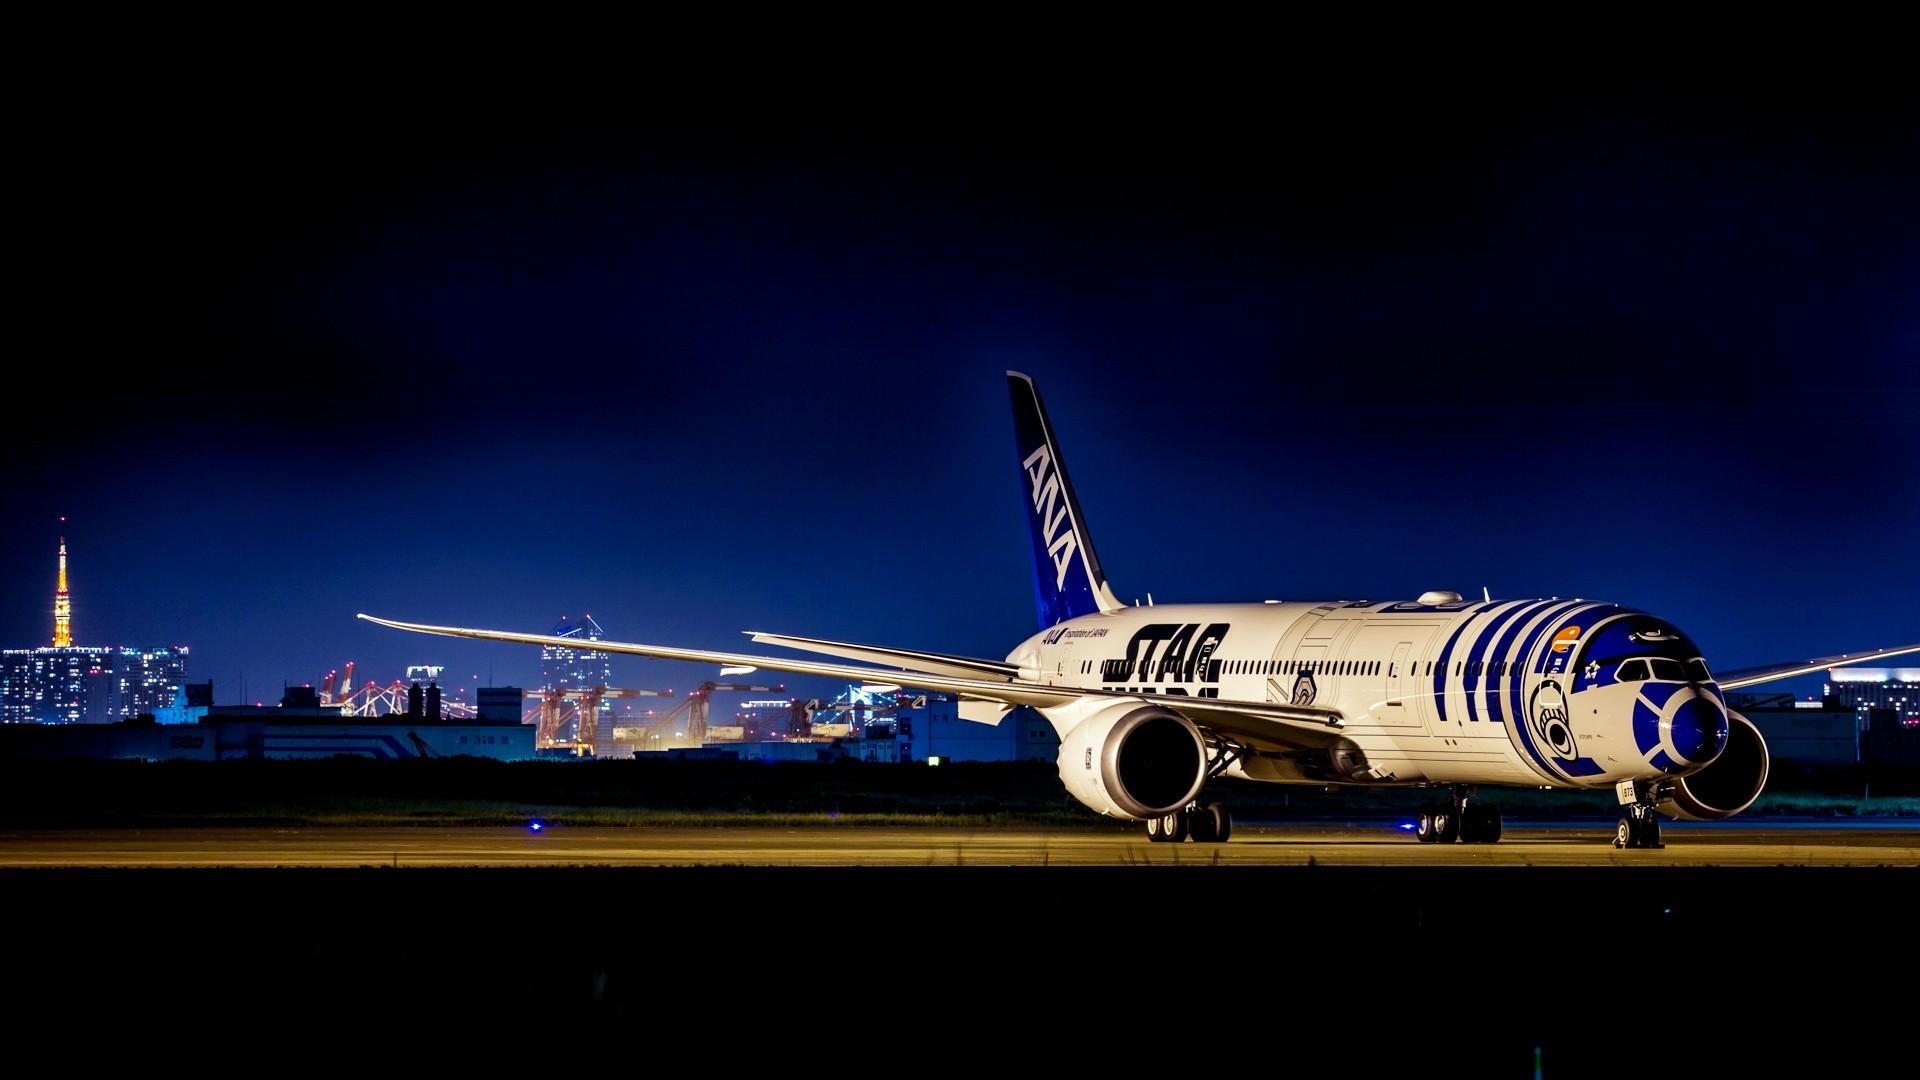 Fondos De Pantalla Noche Vehículo Fotografía Boeing 777